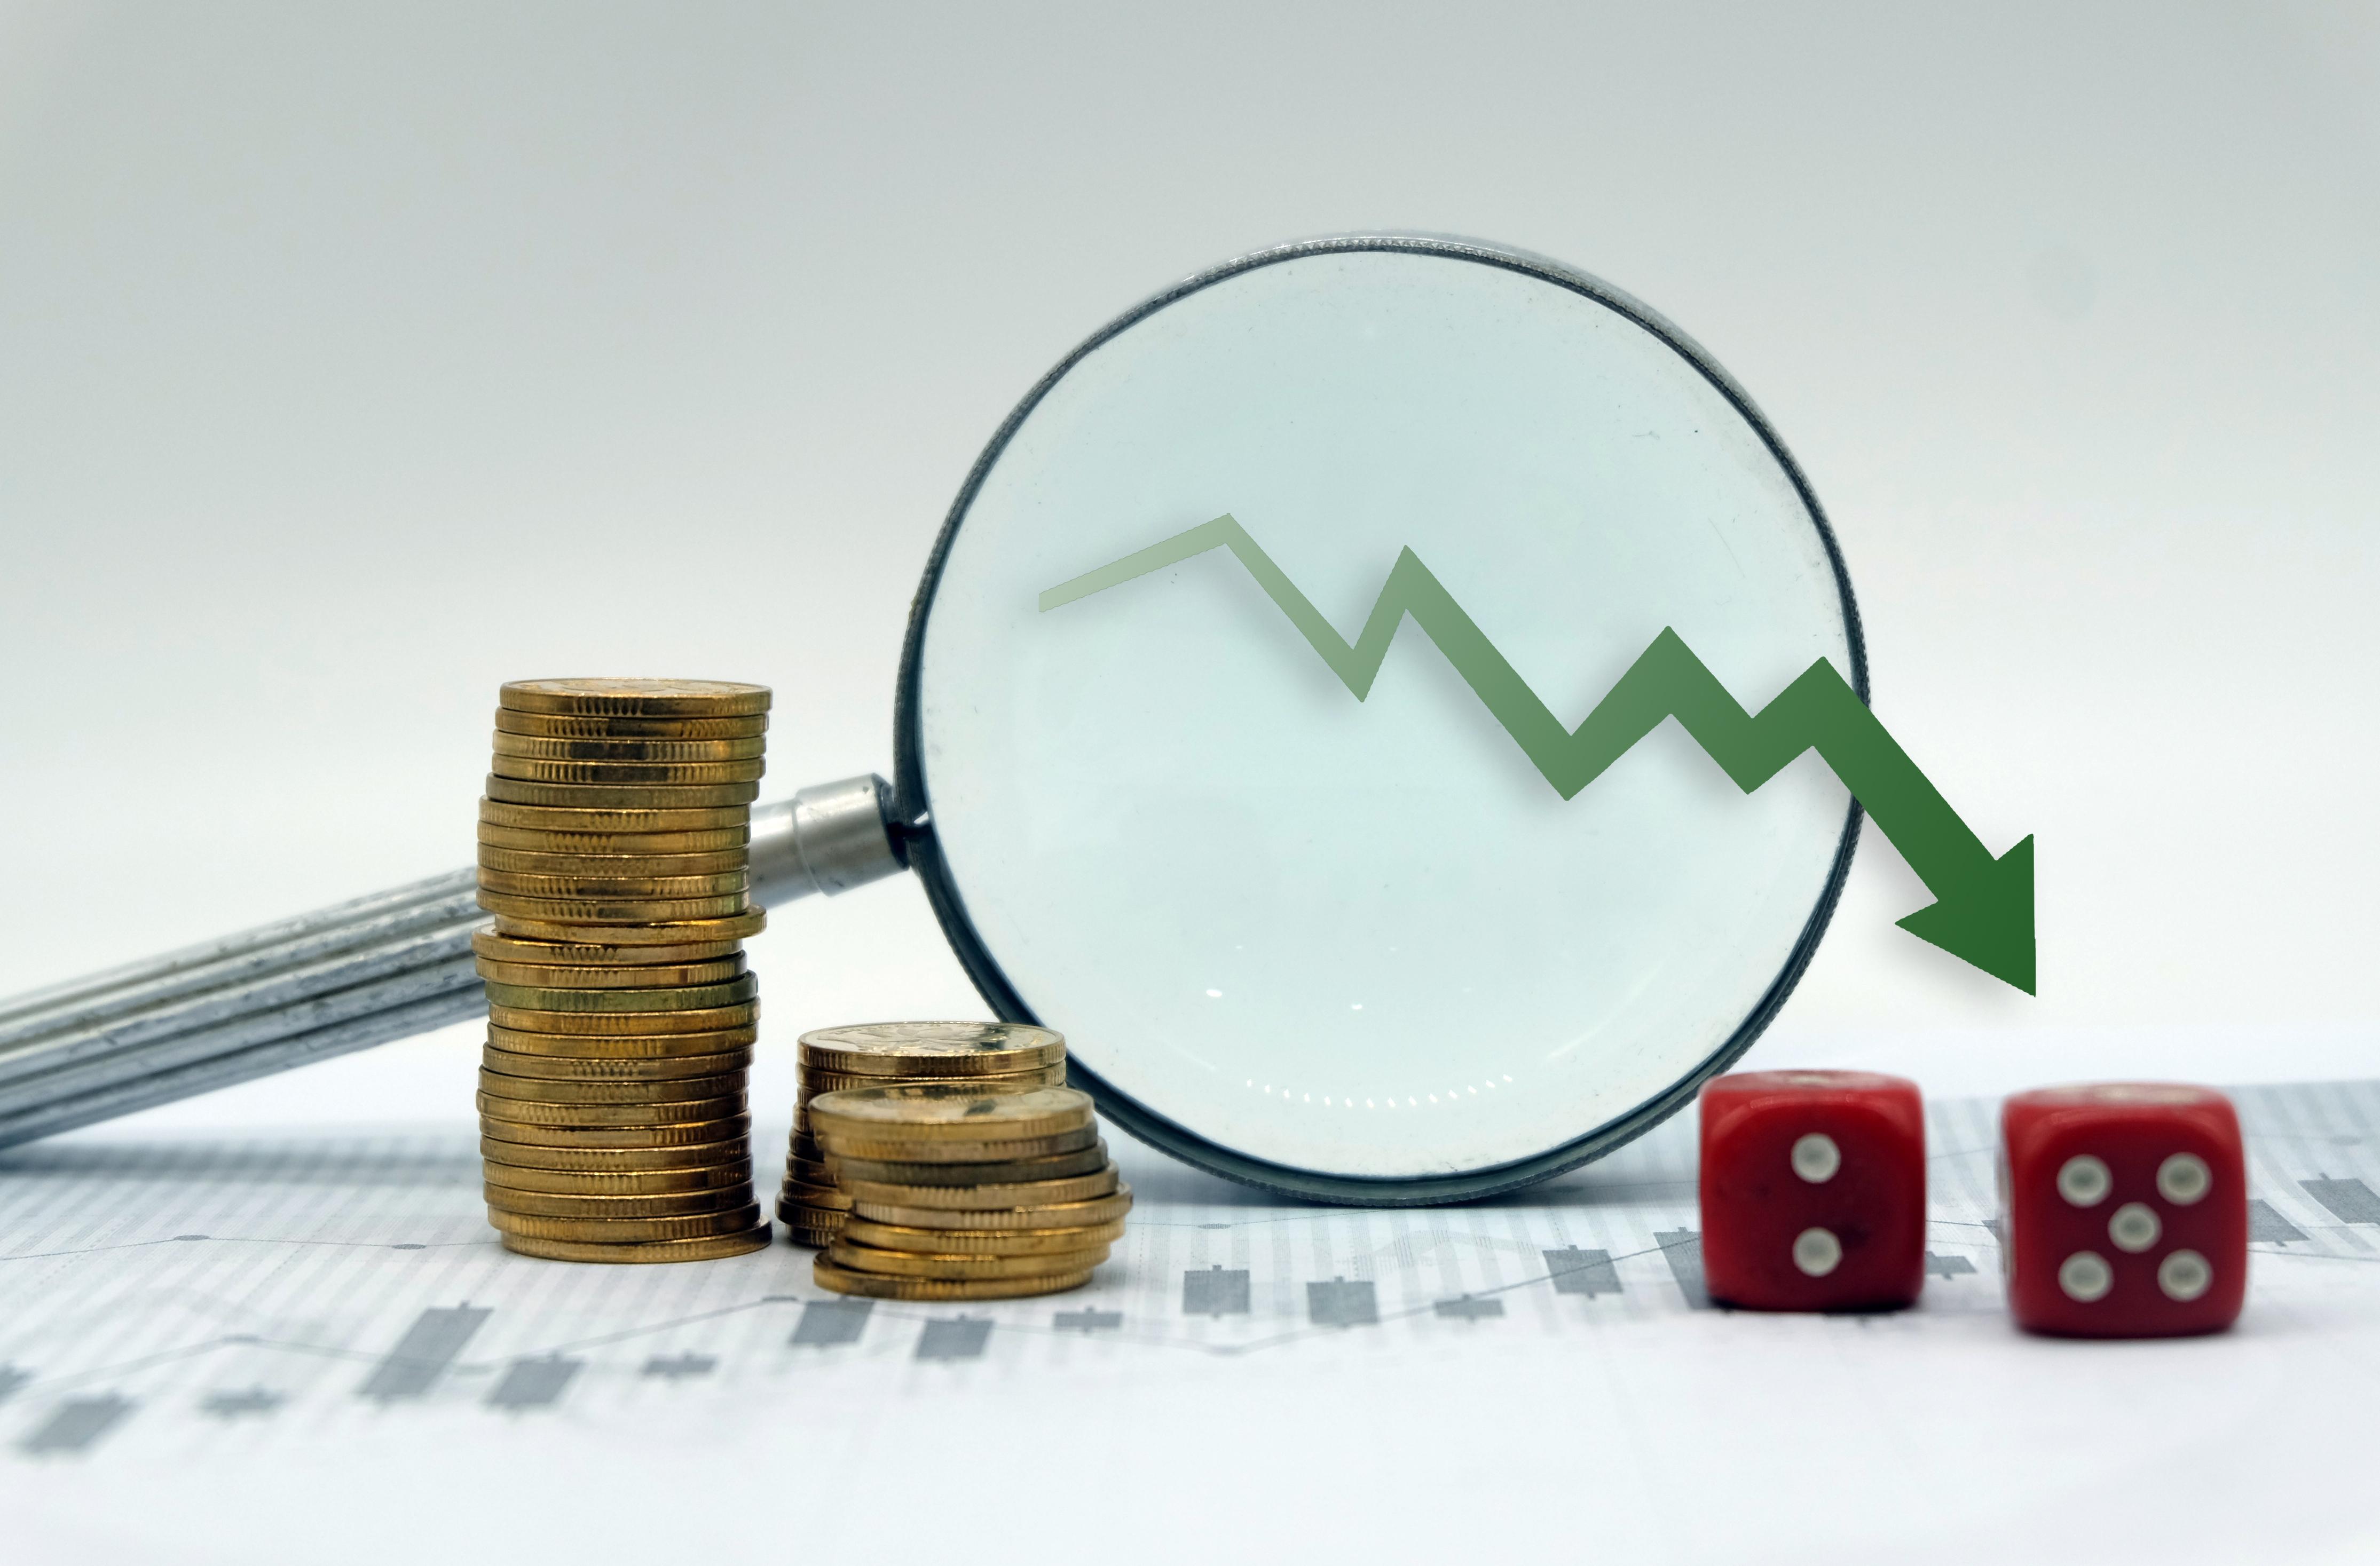 中国光大控股(00165.HK)3个月内暴跌30%,机构怎么看?